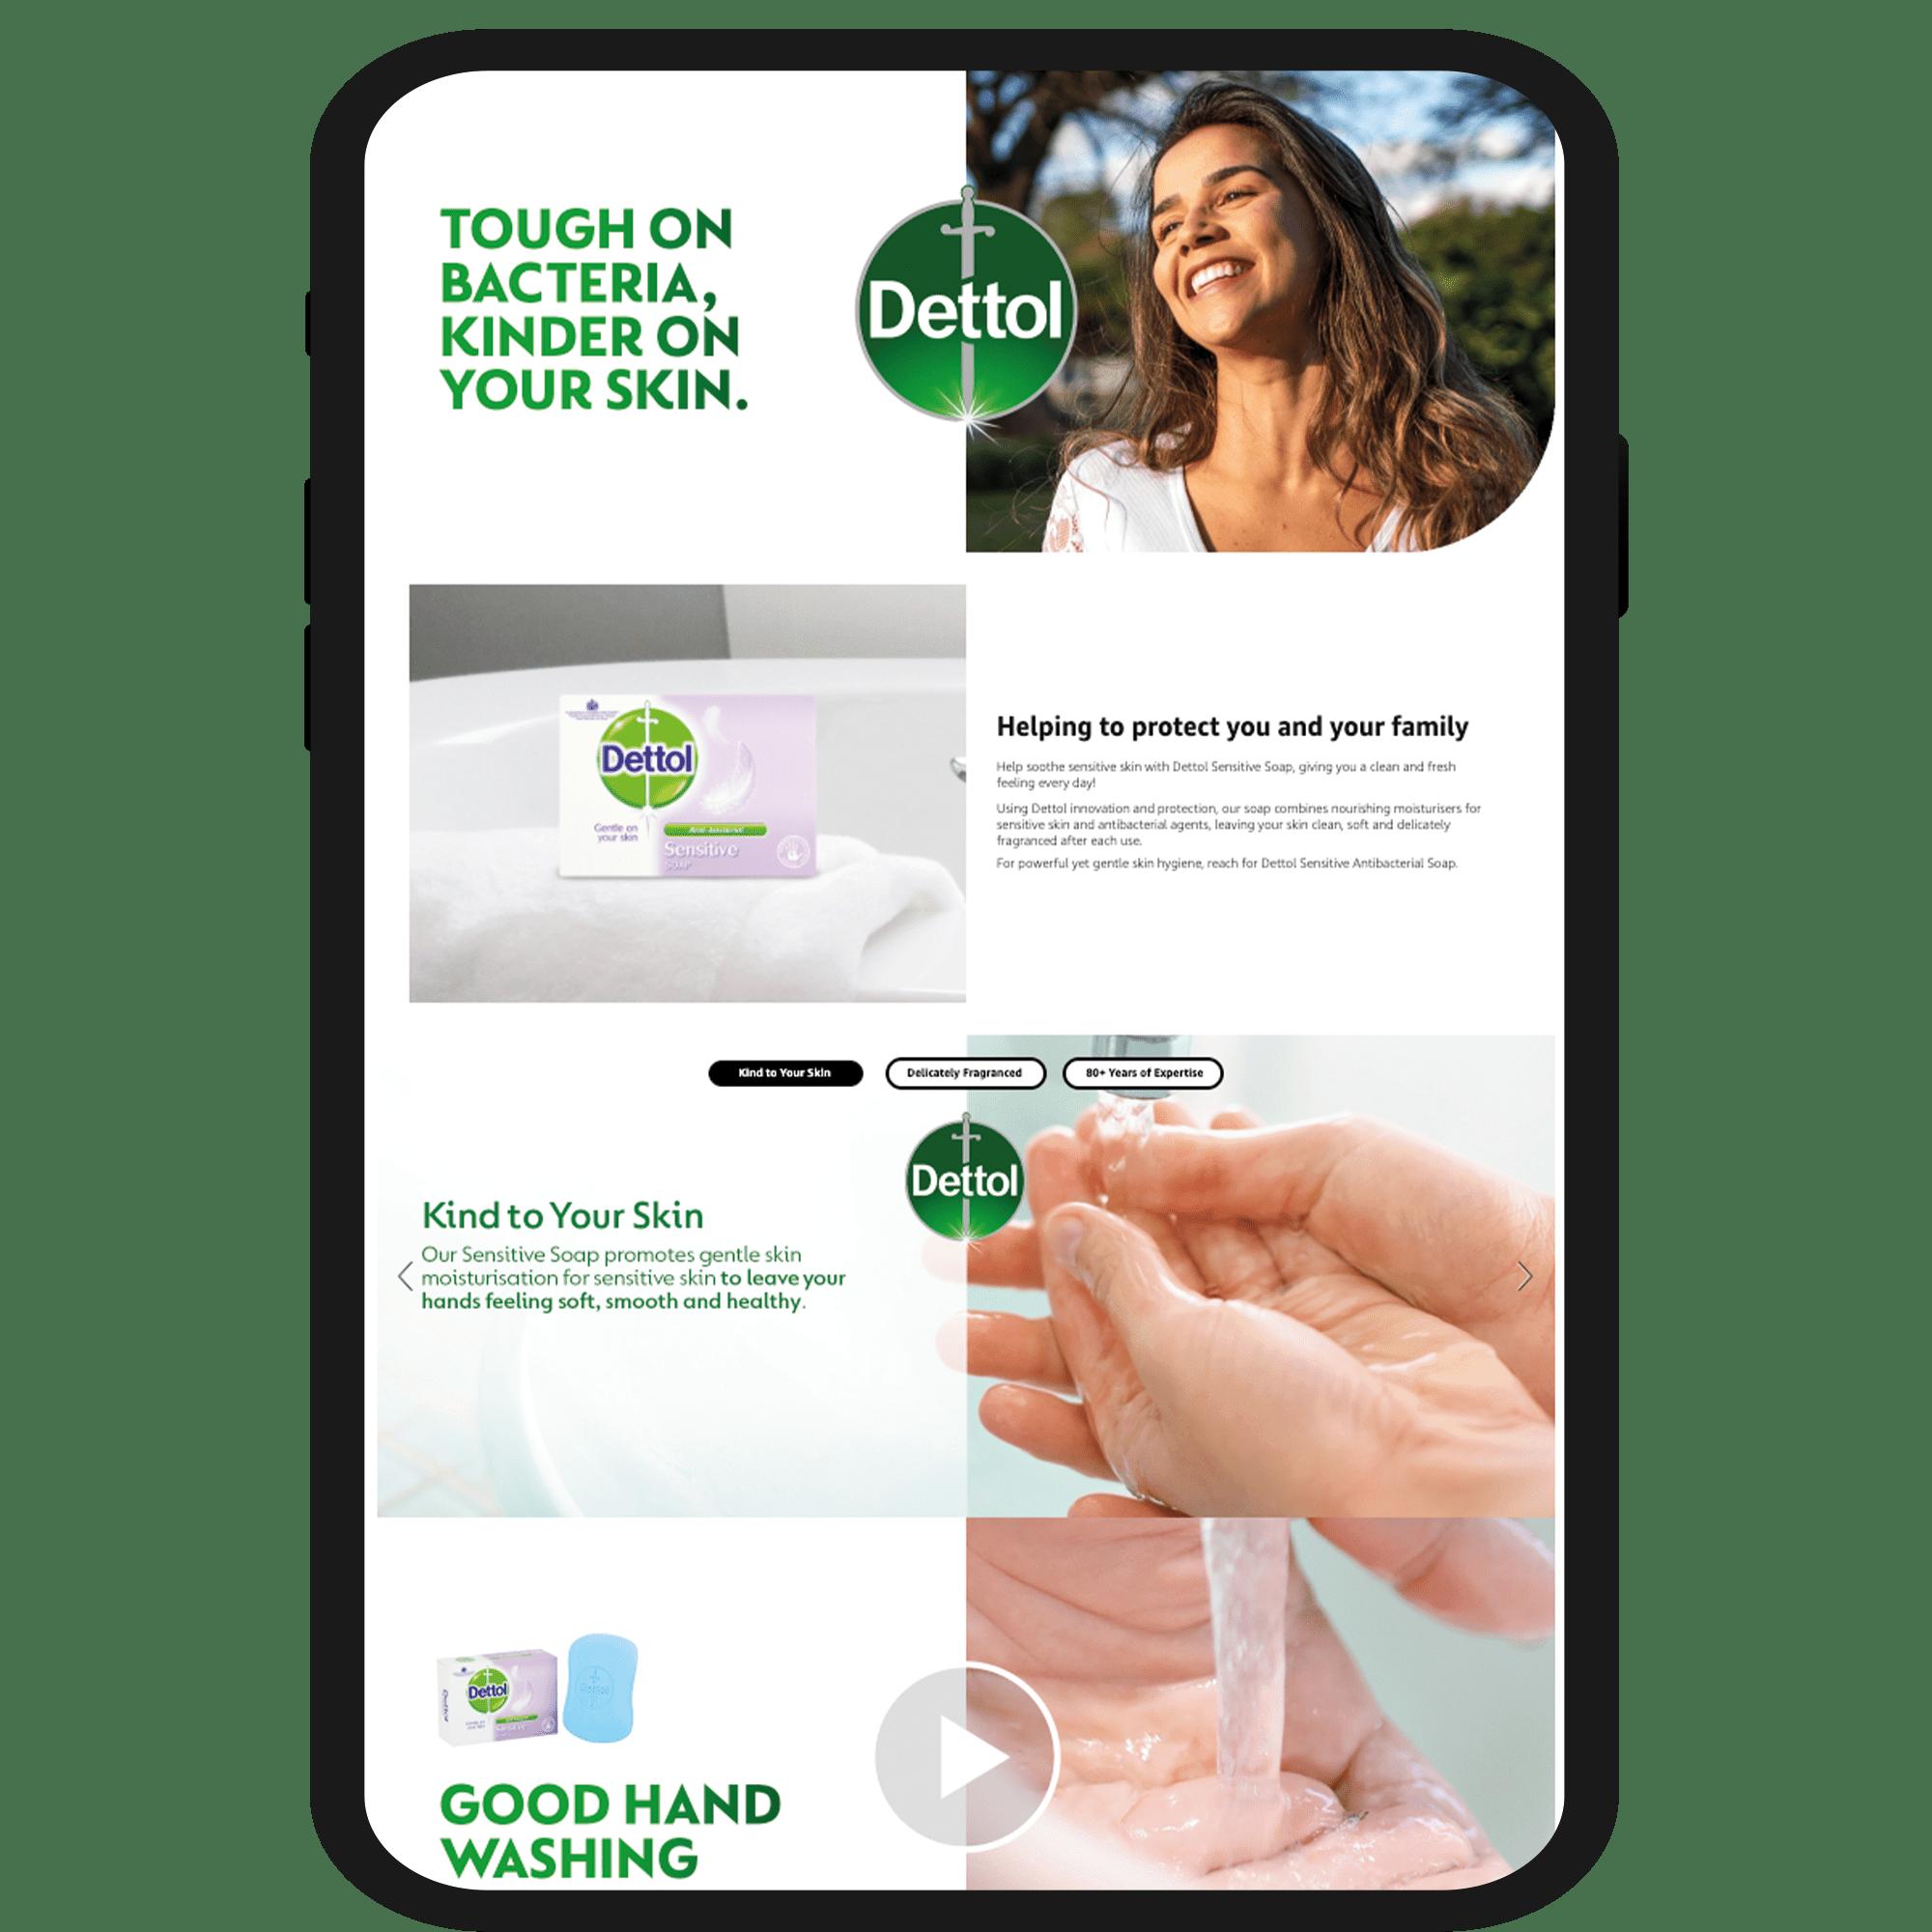 amazon design services - amazon premium A+ content - dettol